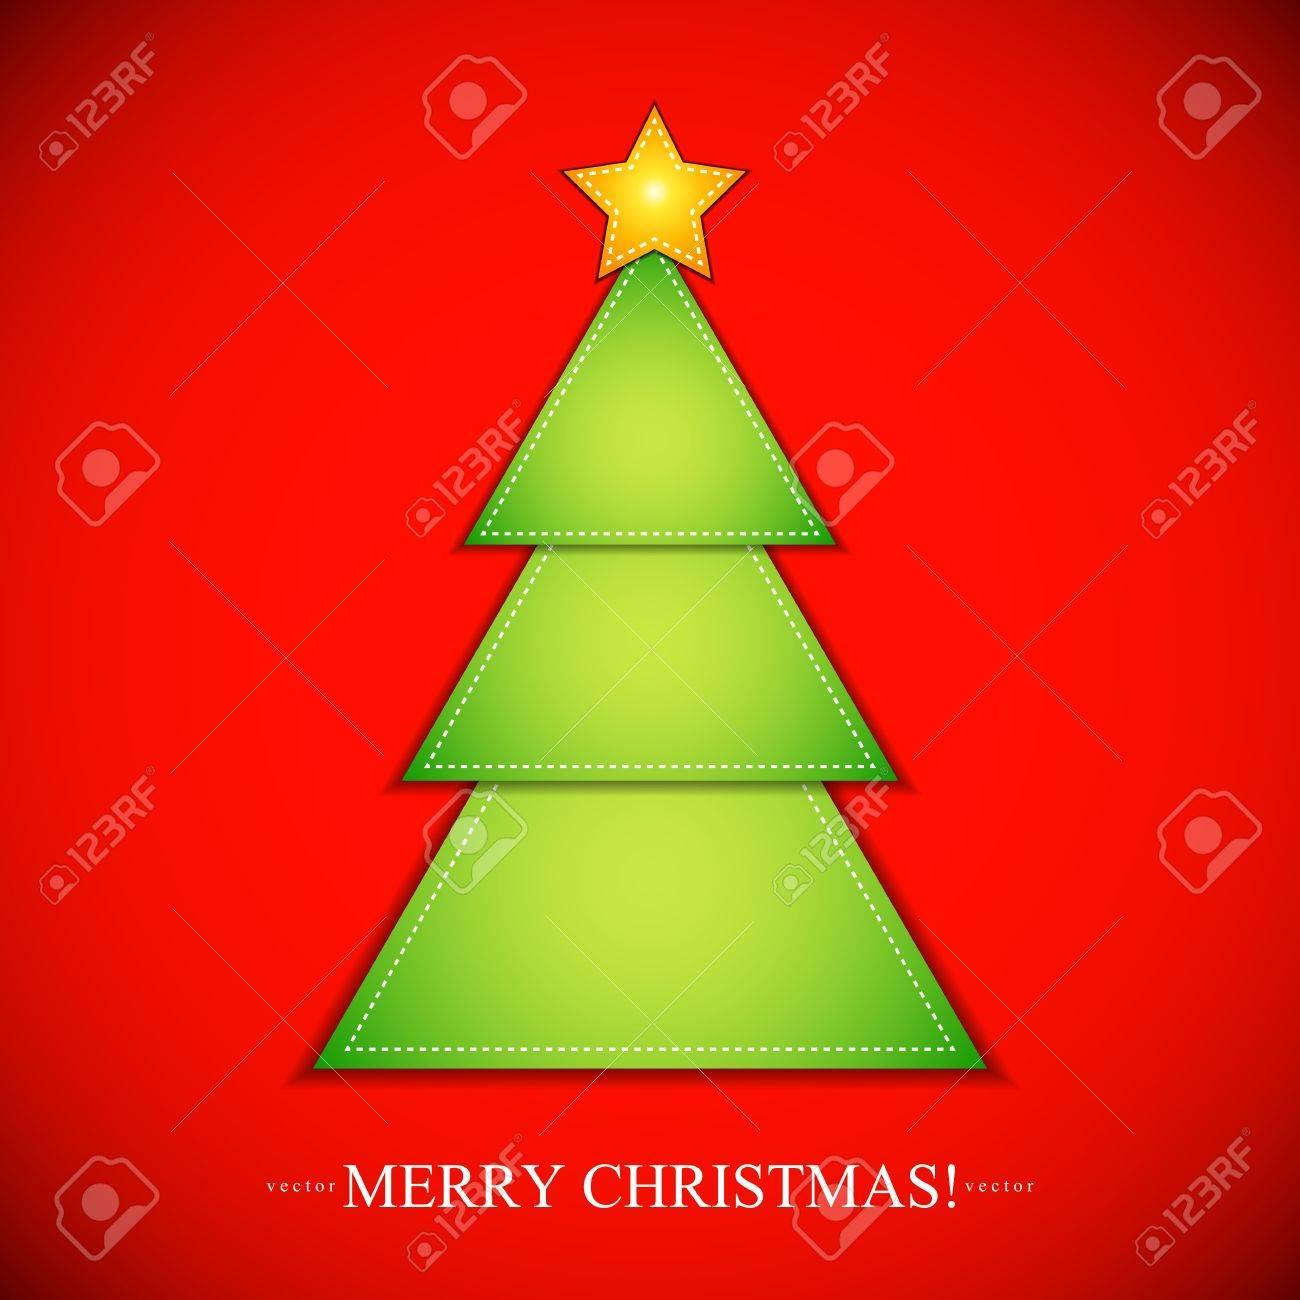 shape of Christmas Tree Christmas Tree Shape With Star